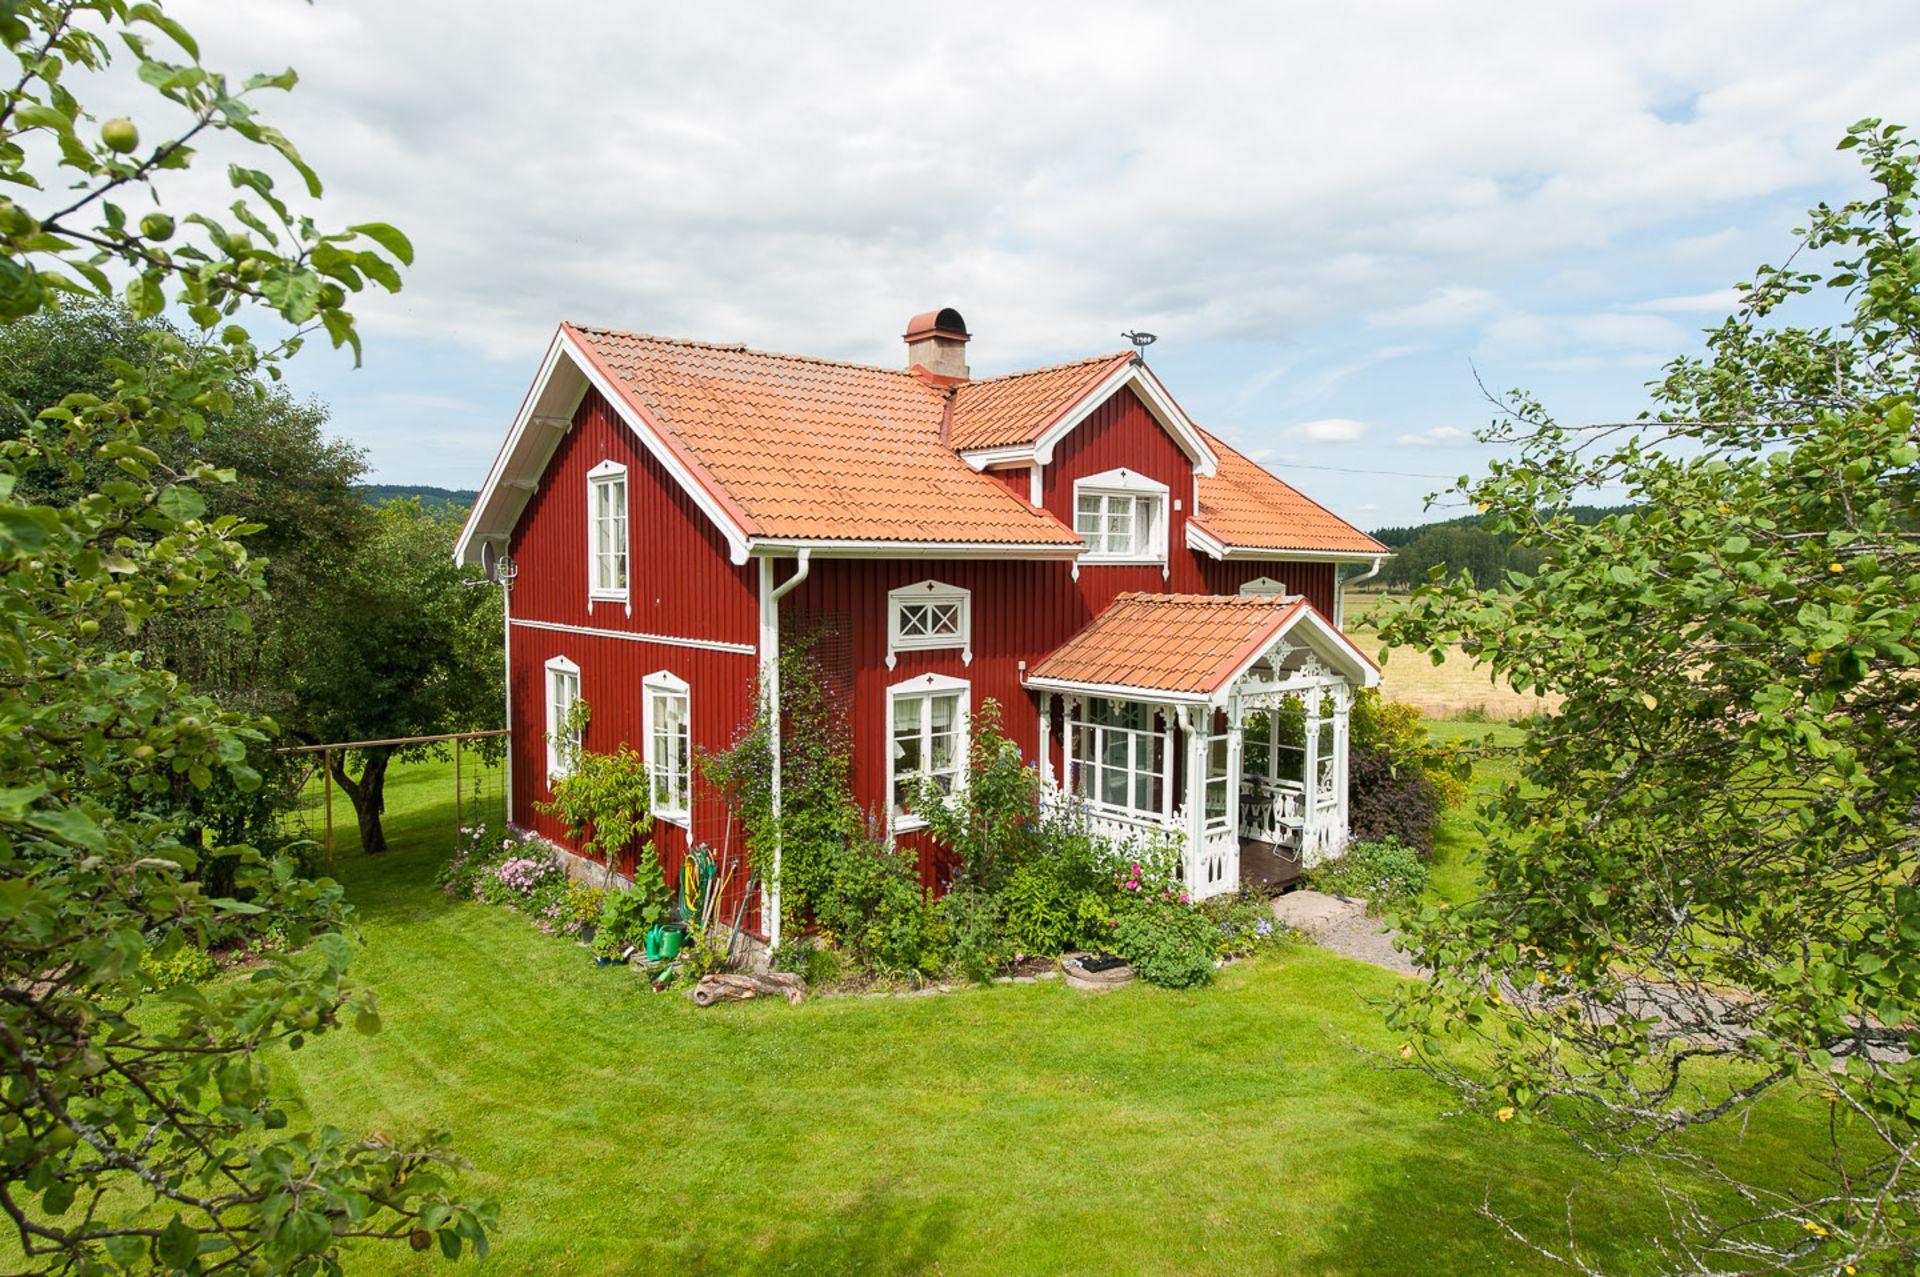 Br sstorp 45 rottneros svensk fastighetsf rmedling dr mstugor pinterest haus h user in - Skandinavisches gartenhaus ...